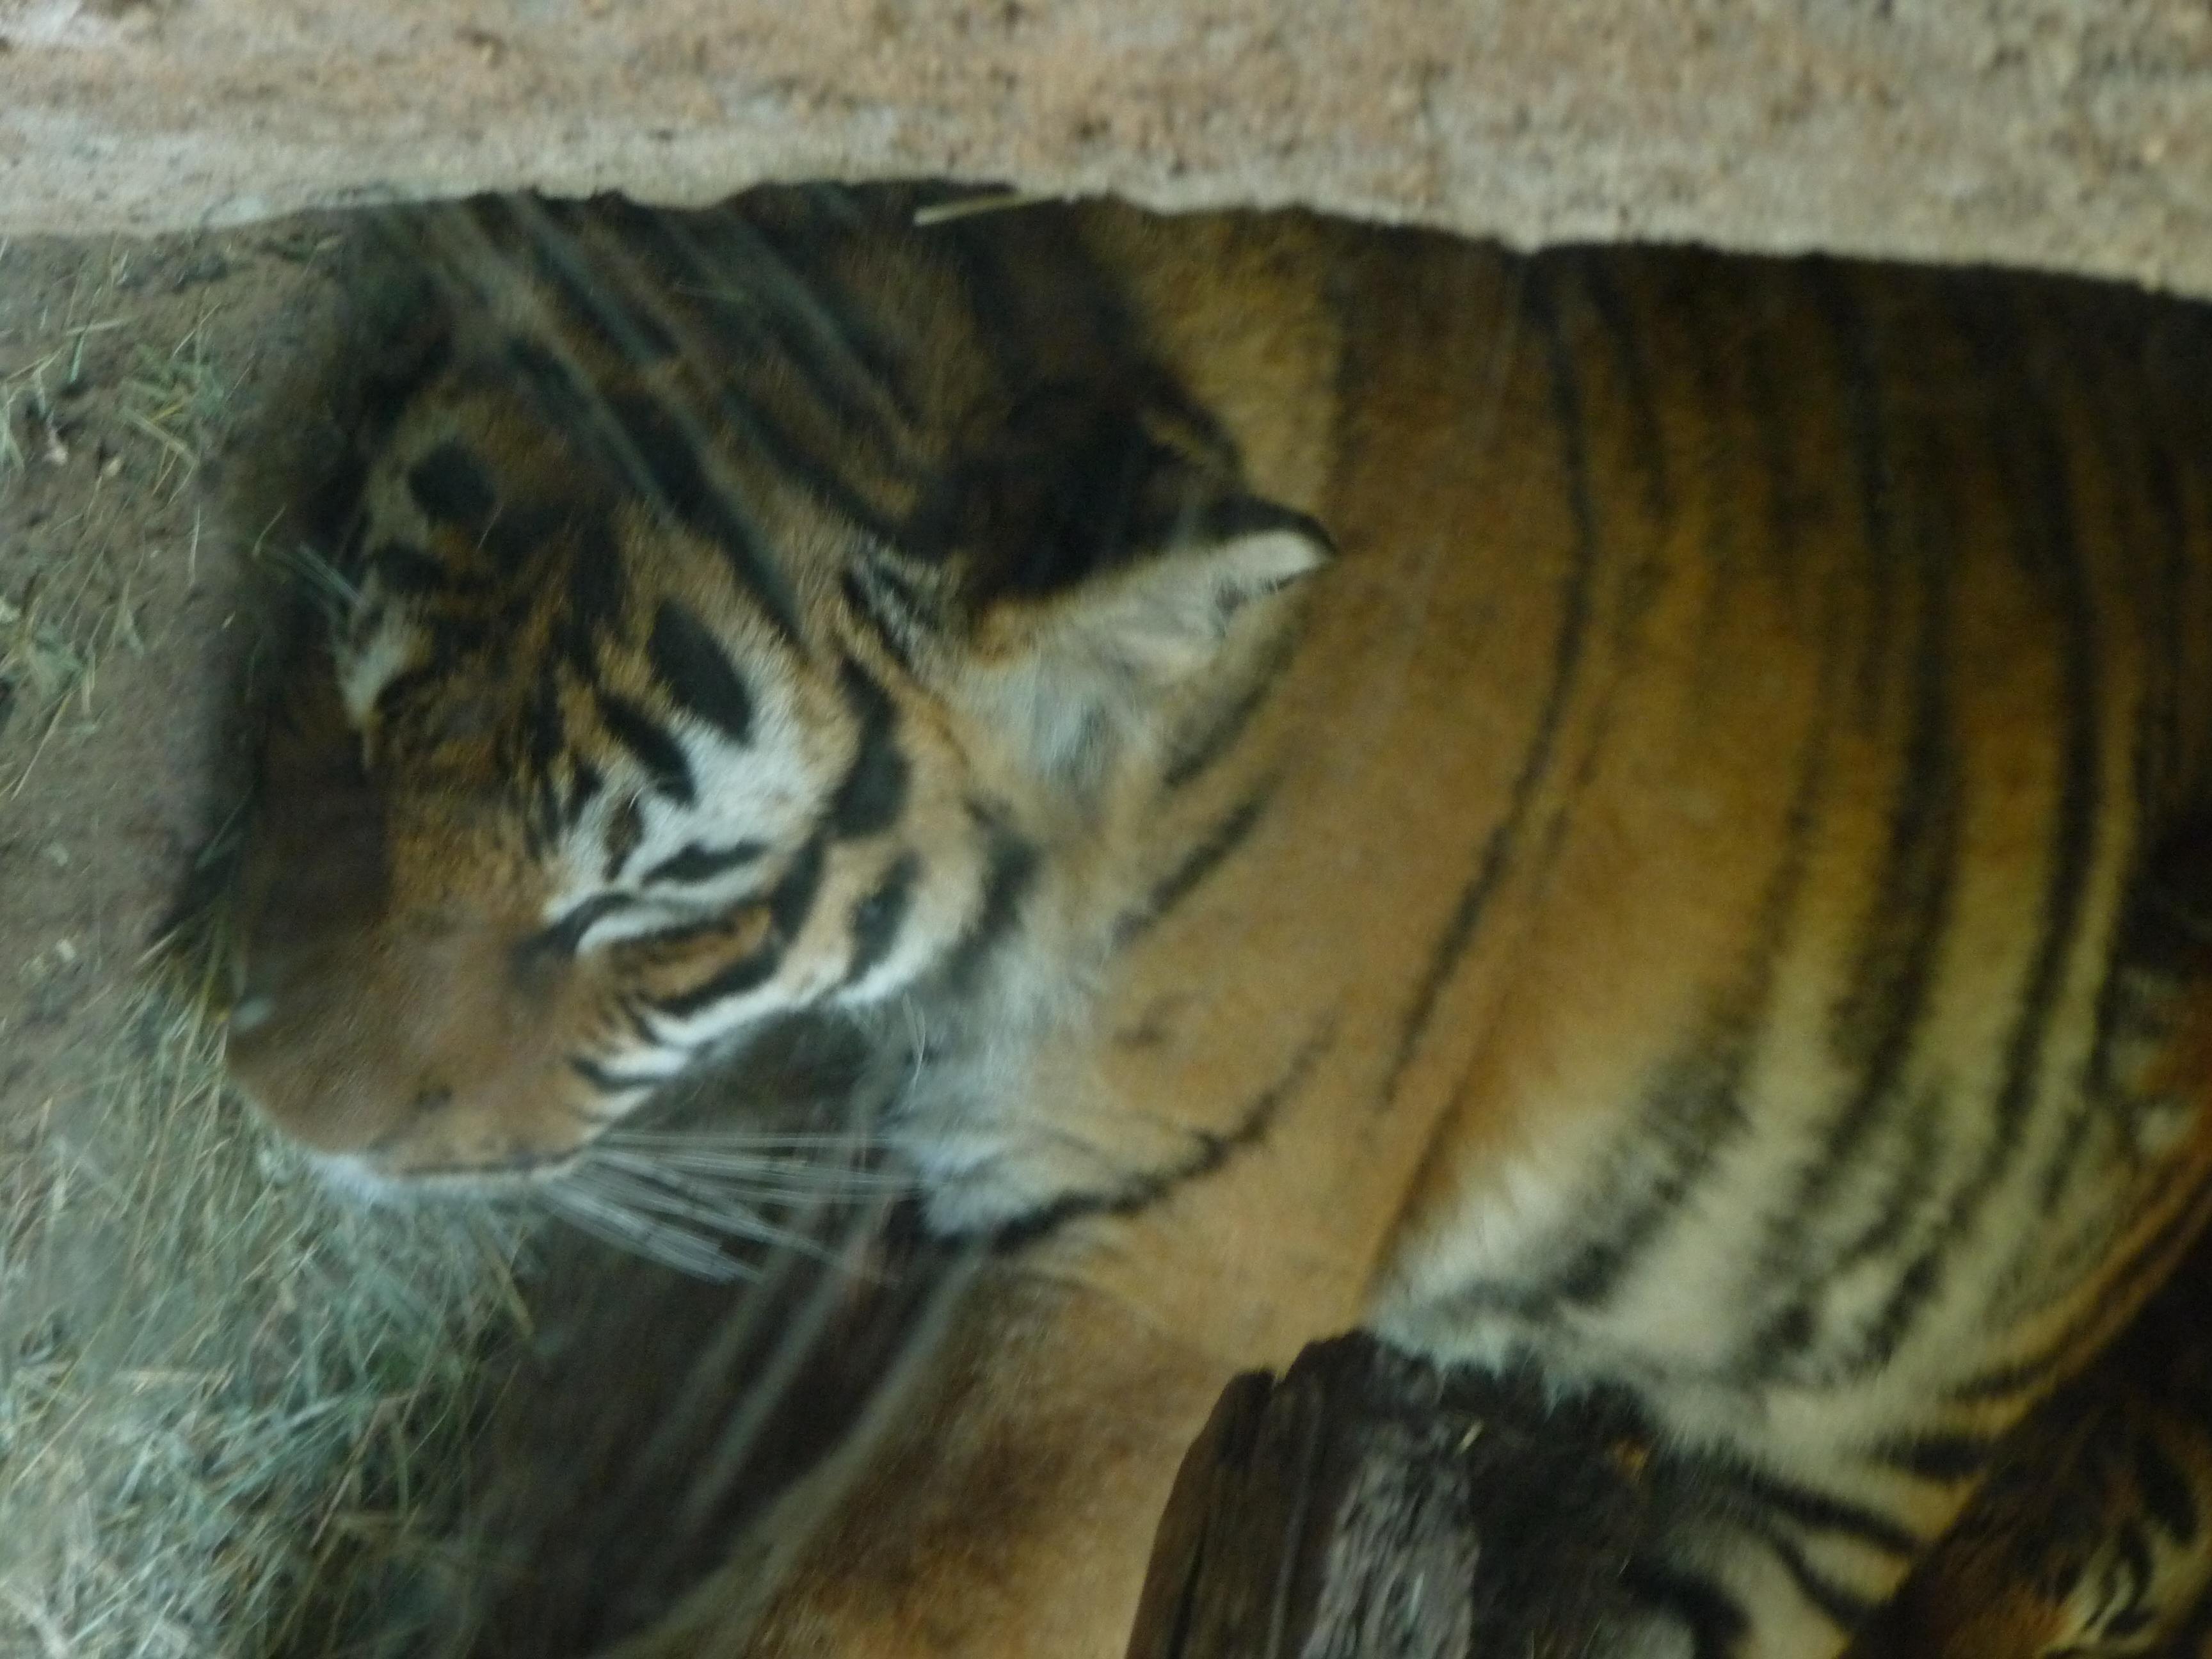 Sleeping tiger cubs, no flash